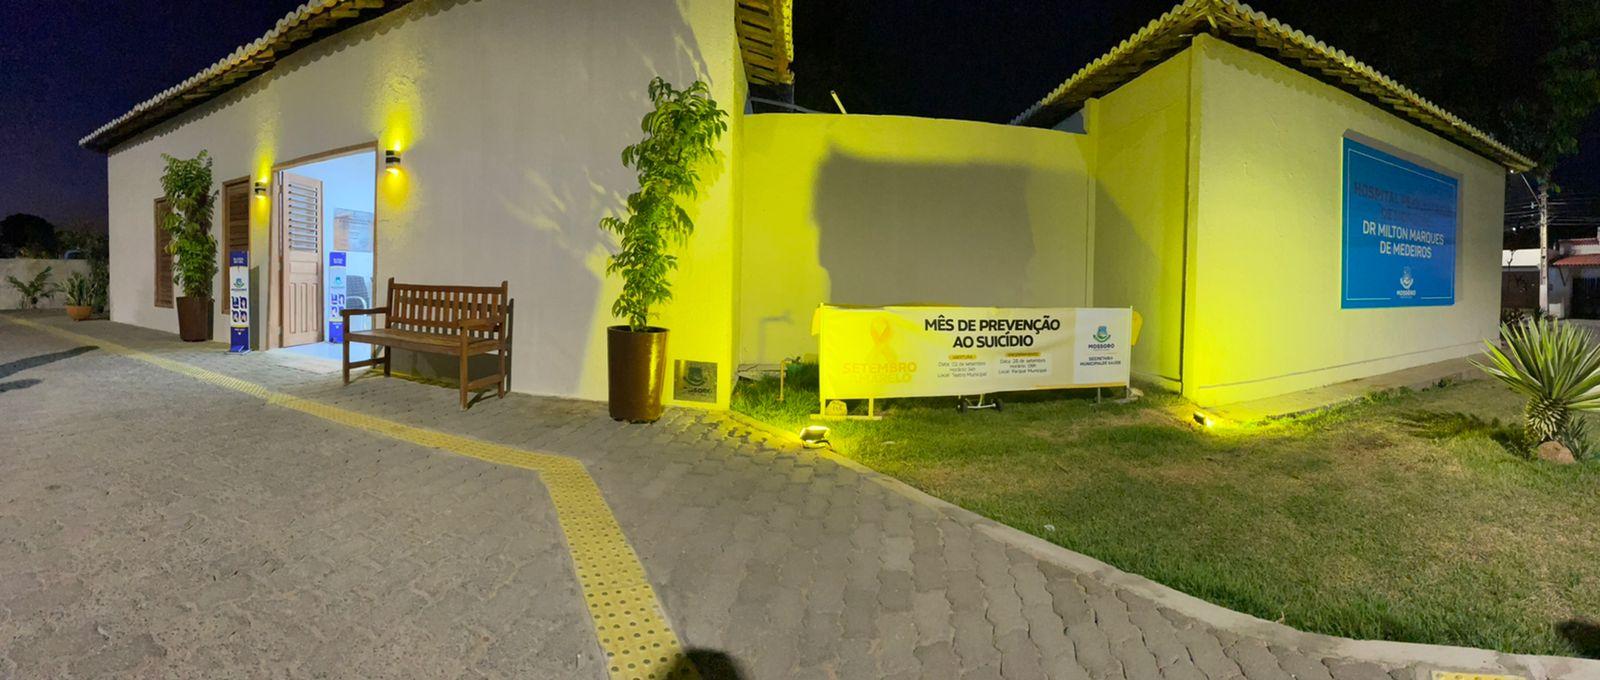 """Hospital Psiquiátrico Municipal recebe iluminação especial neste """"Setembro Amarelo"""""""